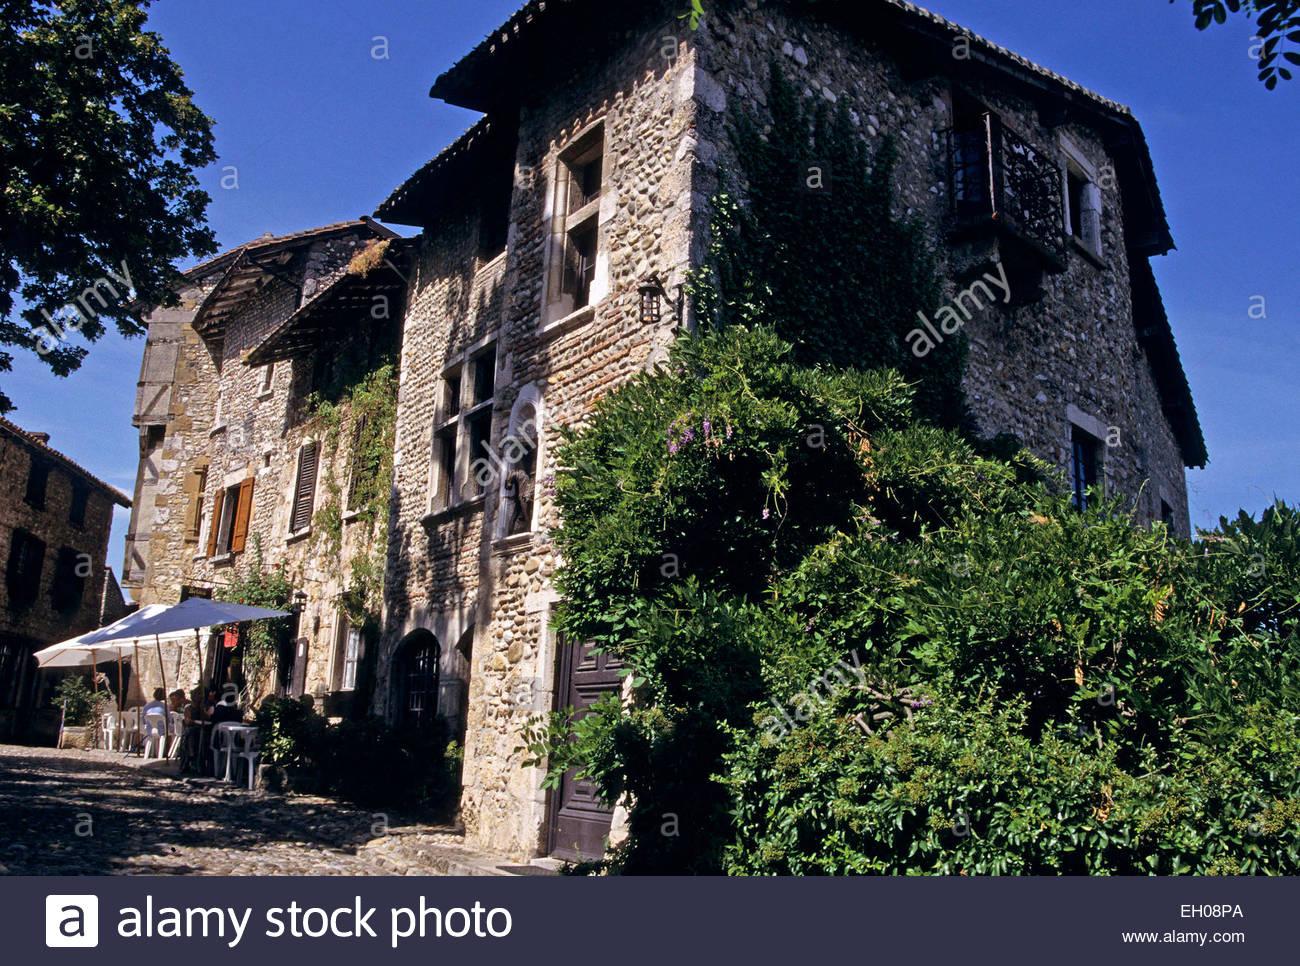 France, Rhône-Alpes, Ain, vieille ville de Perouges Photo Stock